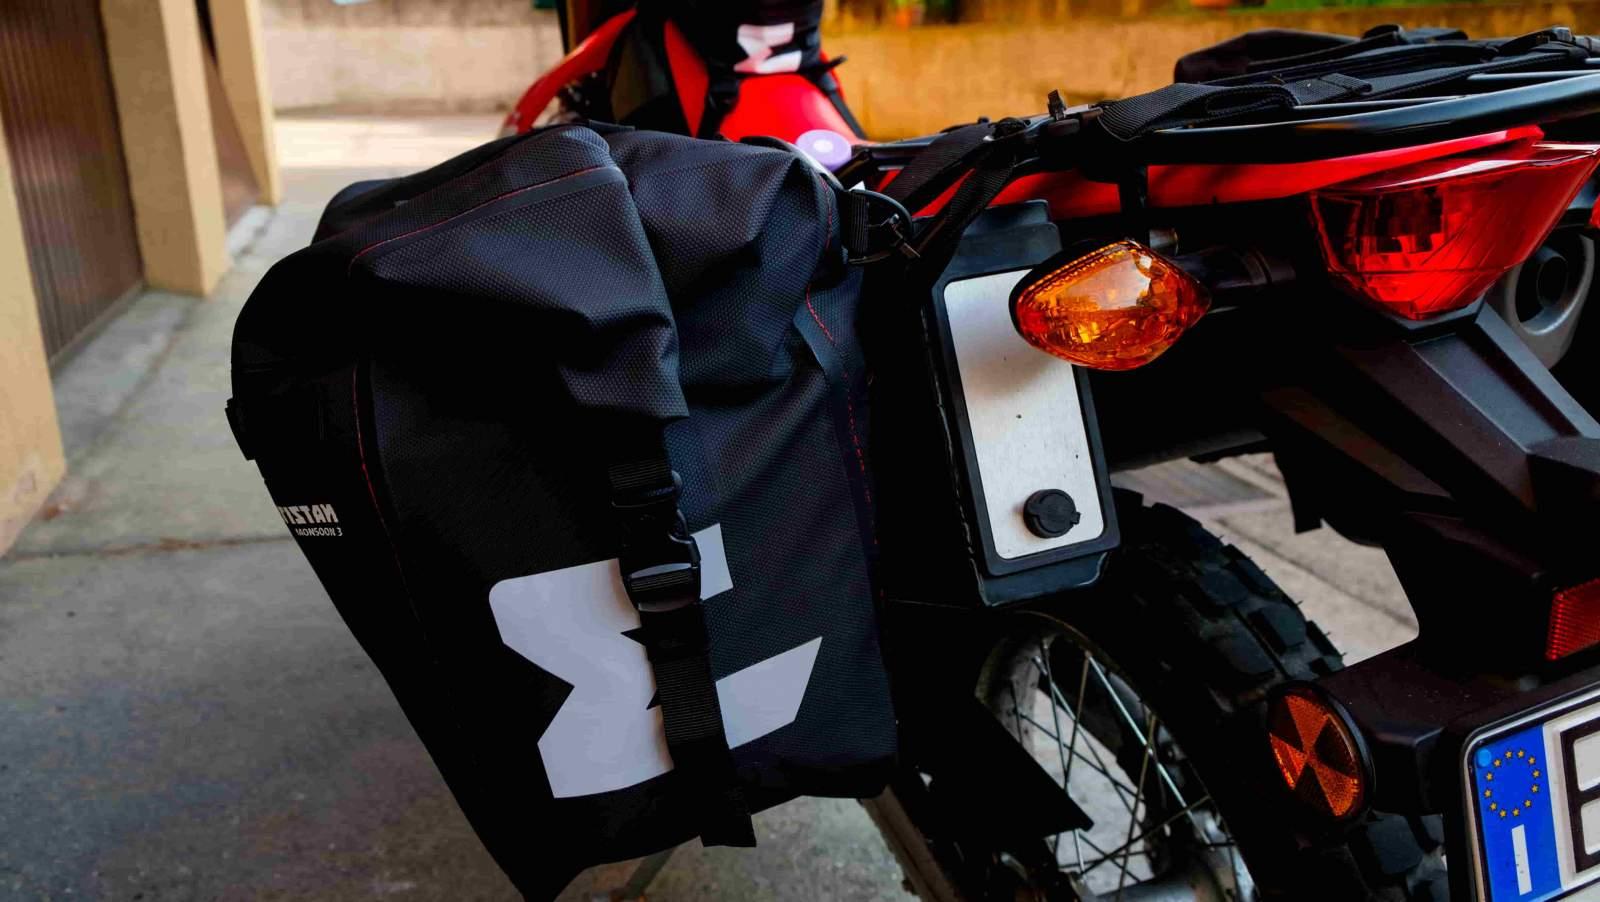 ome equipaggiare la moto per viaggiare